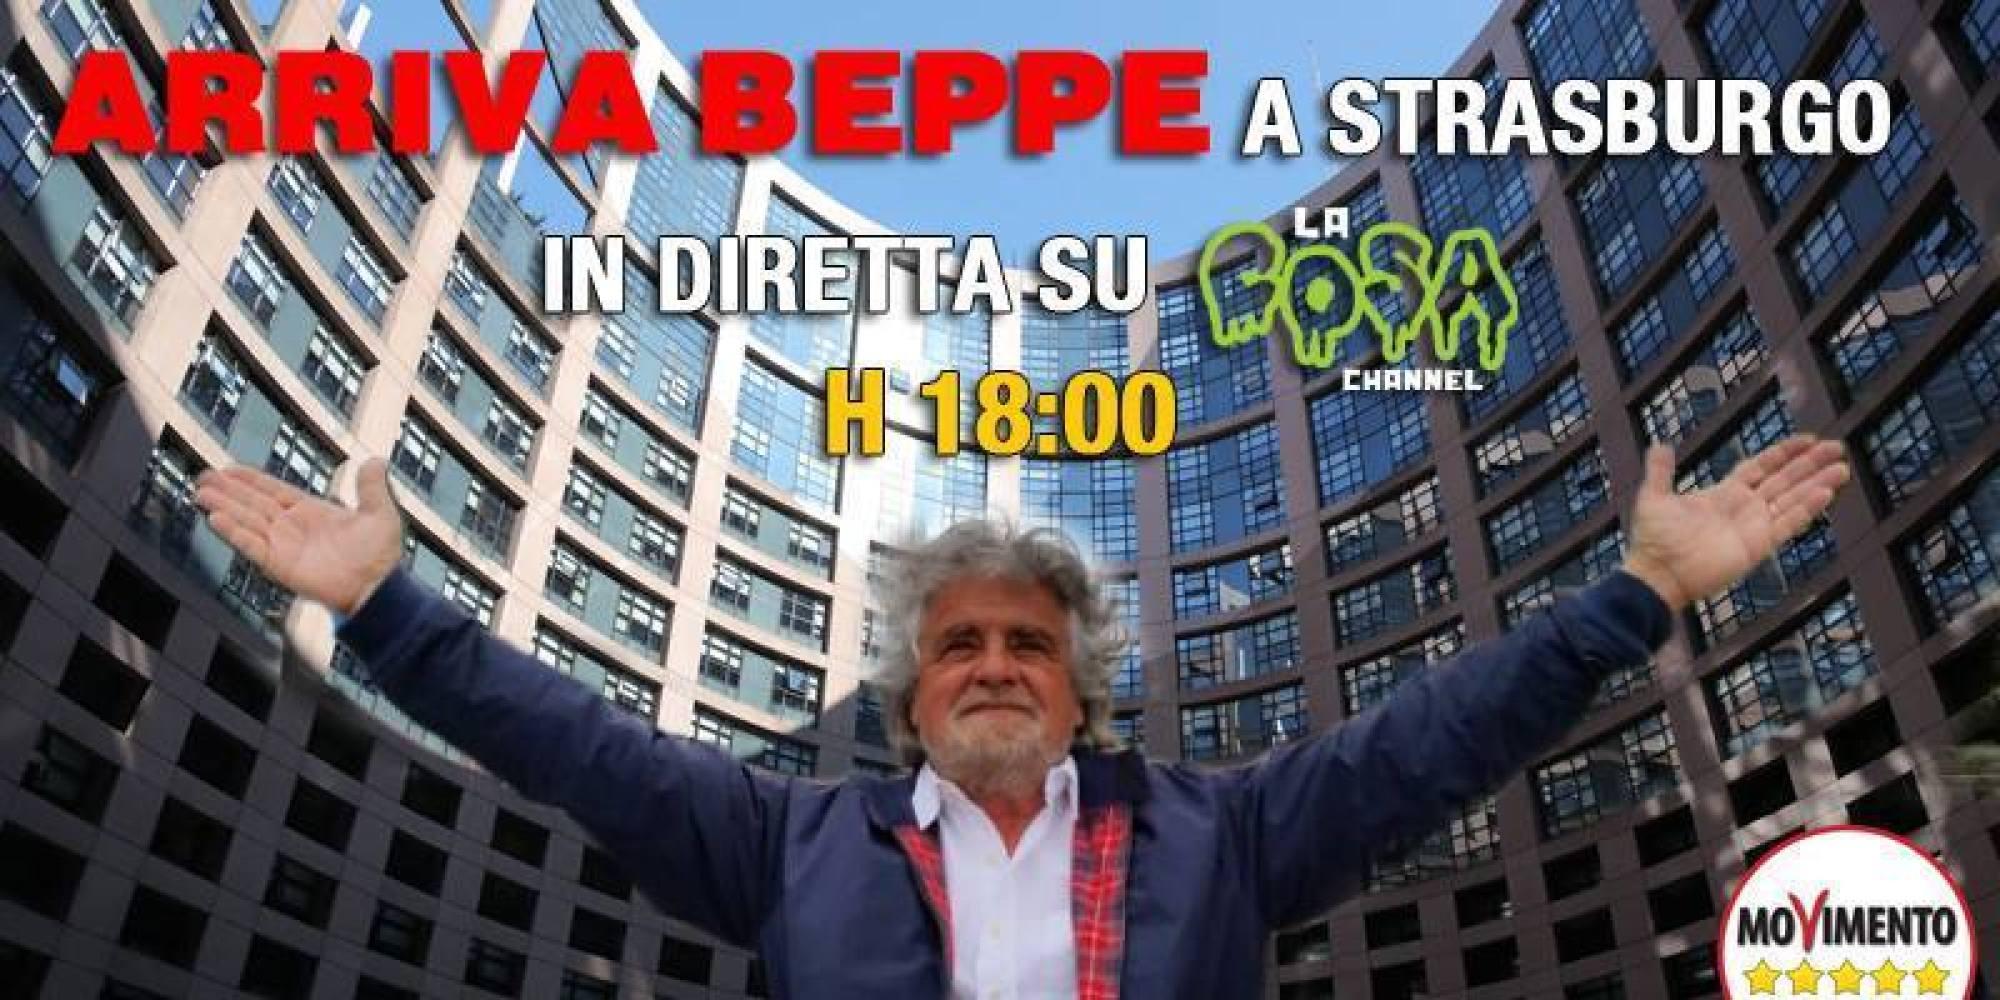 Beppe grillo a strasburgo farage ha fatto benissimo a for Diretta streaming parlamento